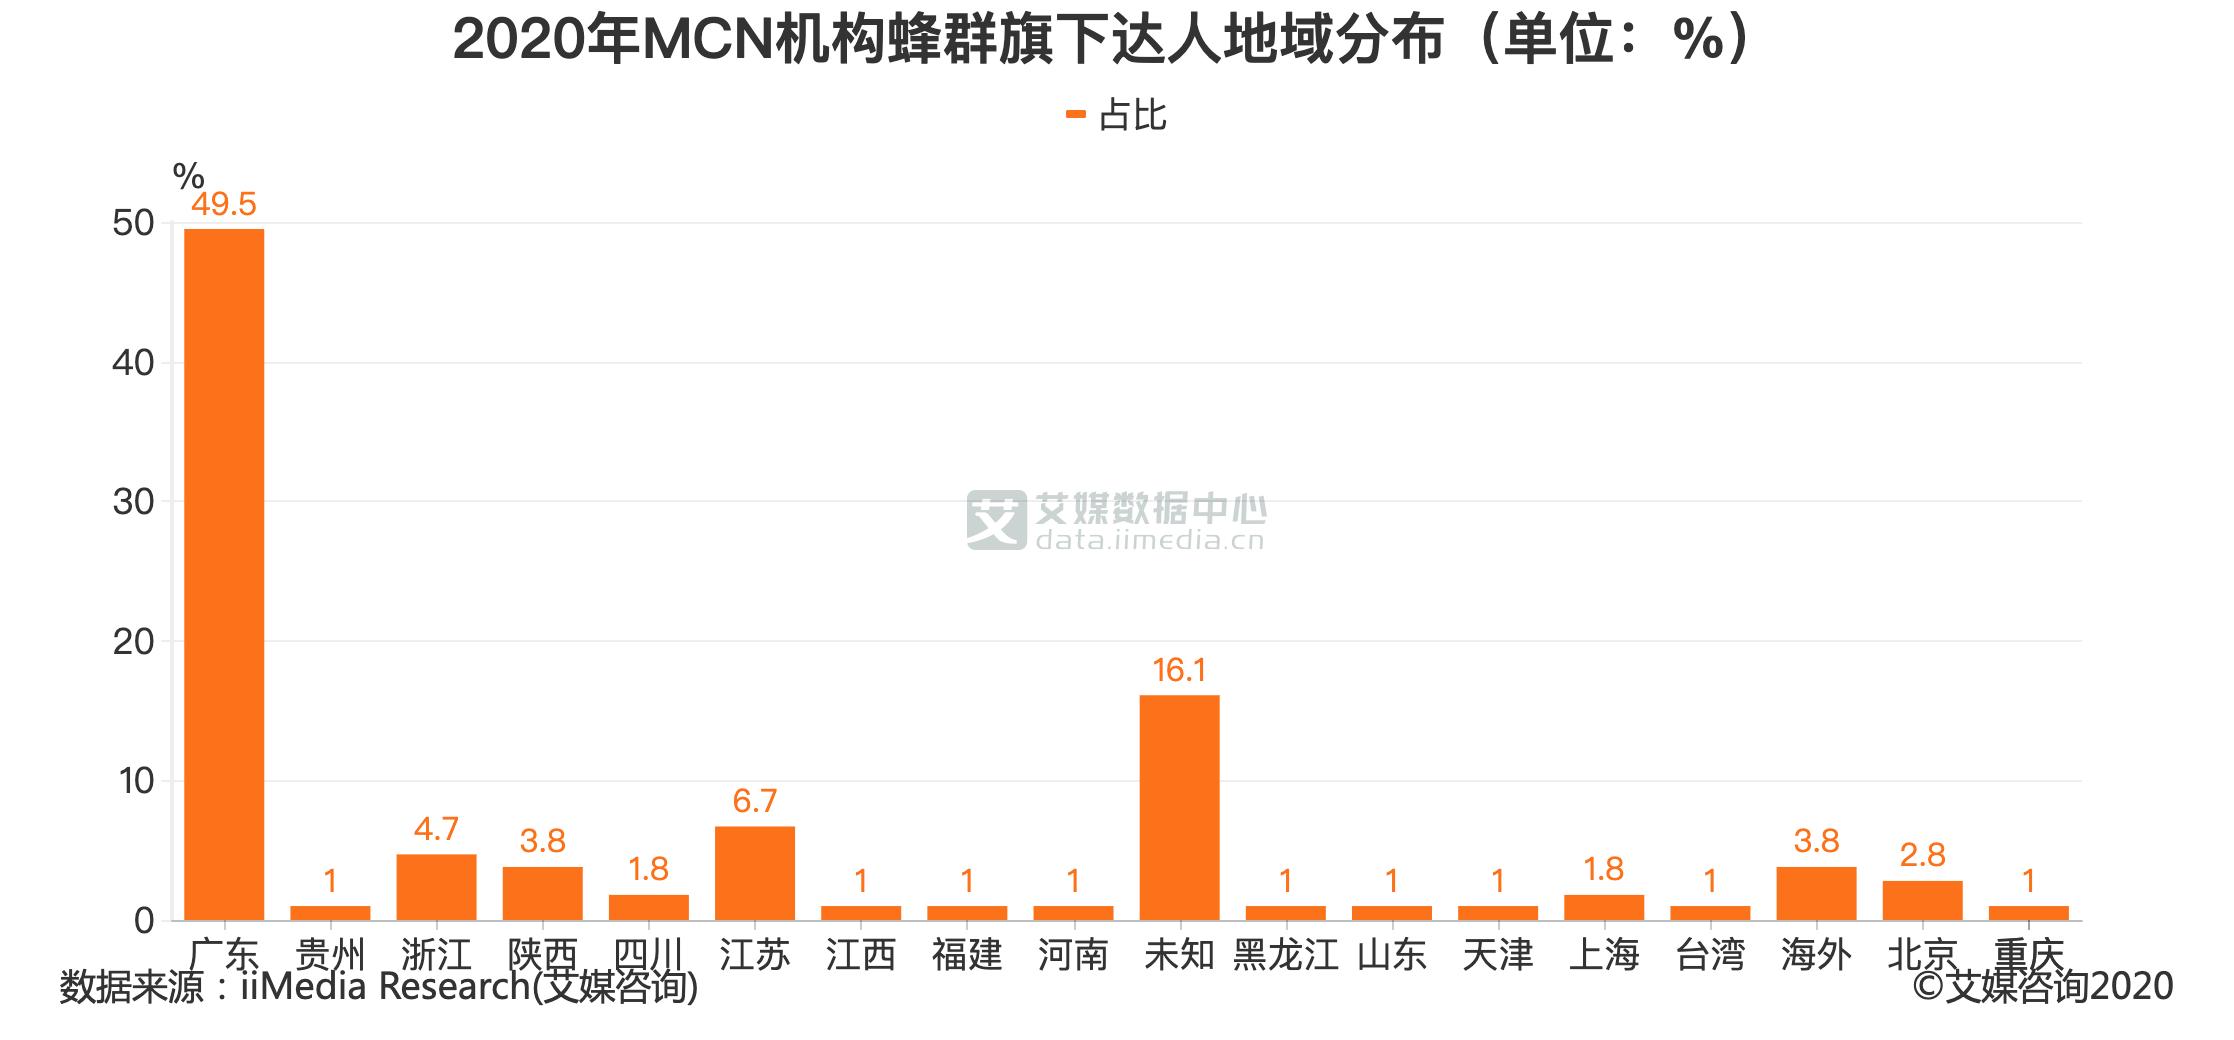 2020年MCN机构蜂群旗下达人地域分布(单位:%)